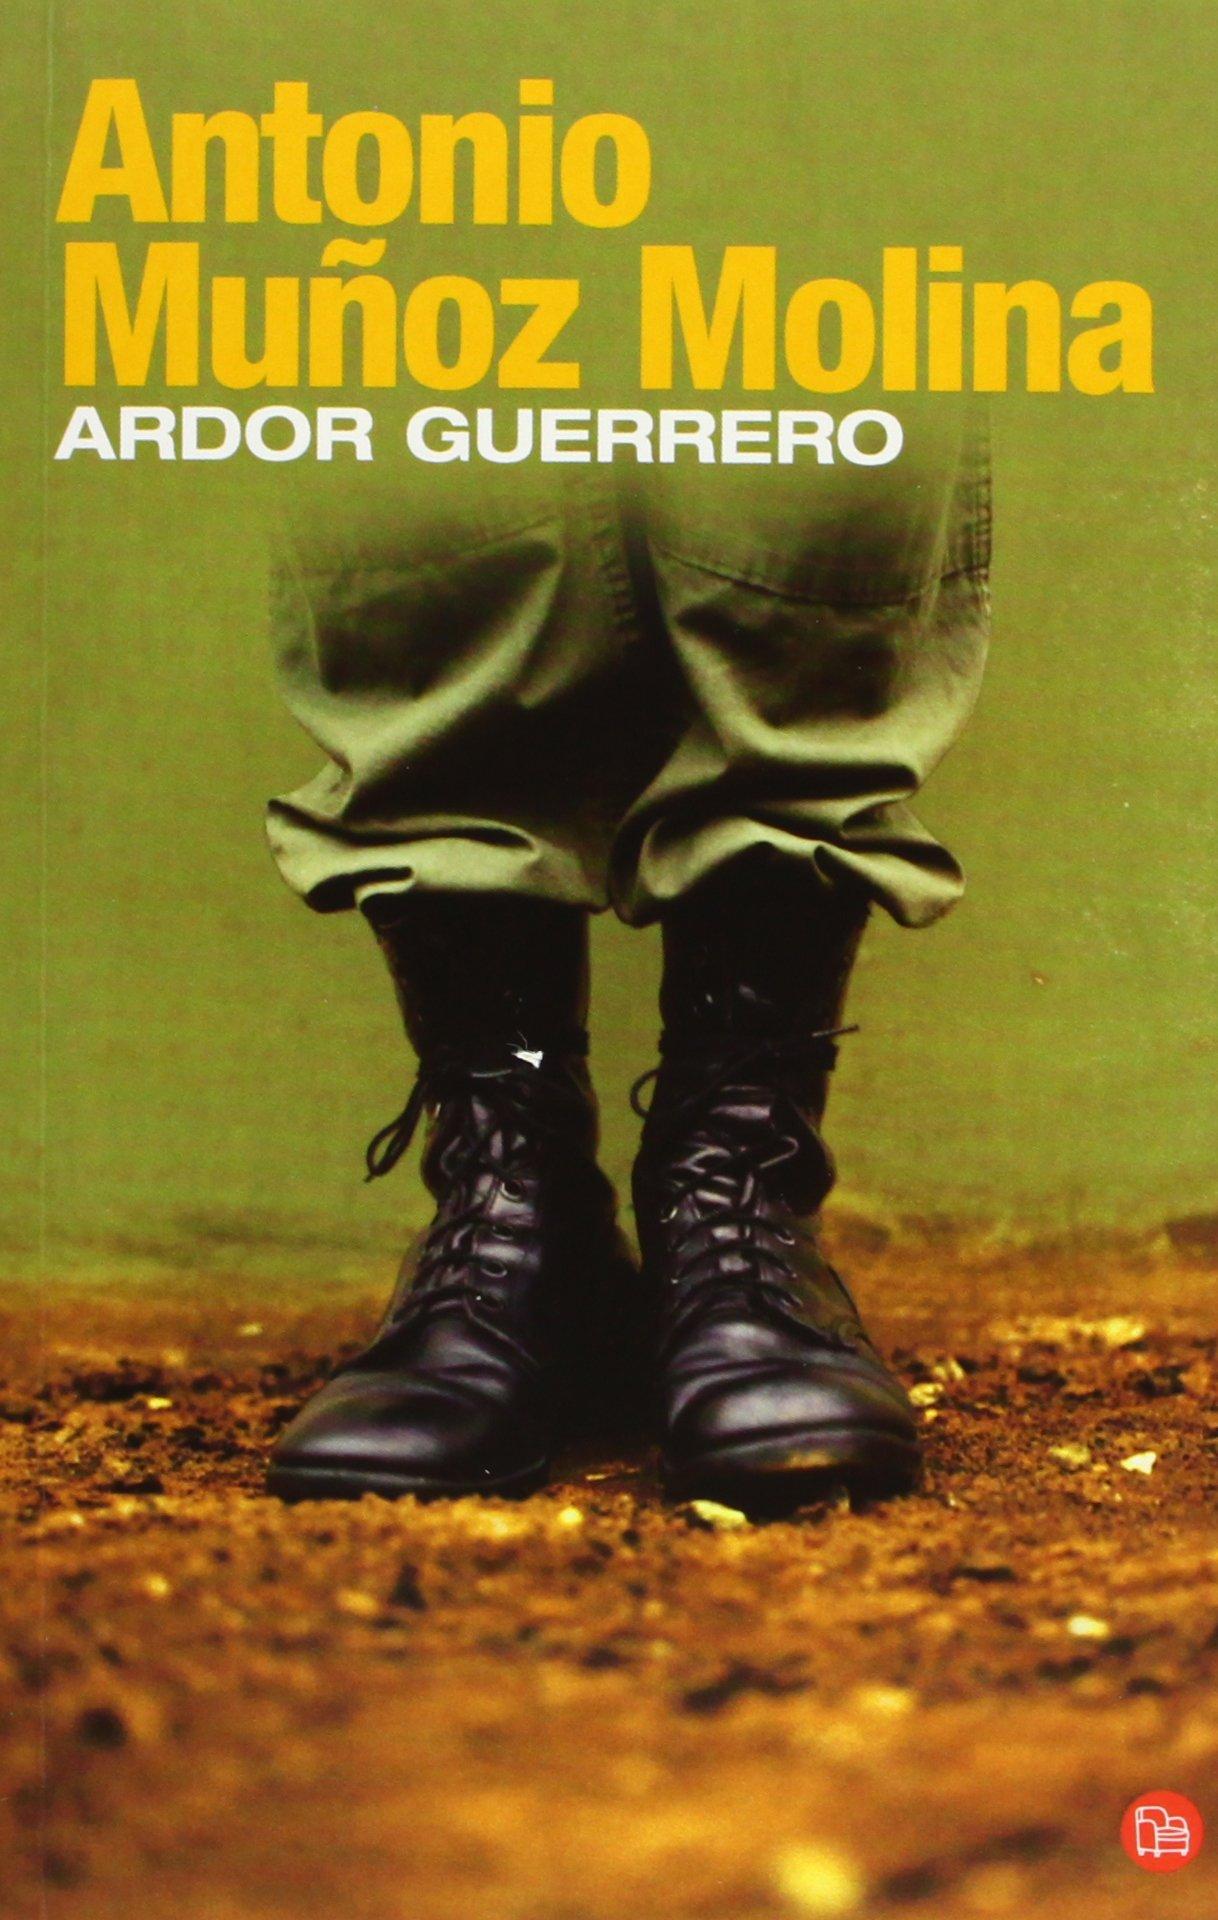 ARDOR GUERRERO FG (Narrativa Española): Amazon.es: Muñoz Molina, Antonio: Libros